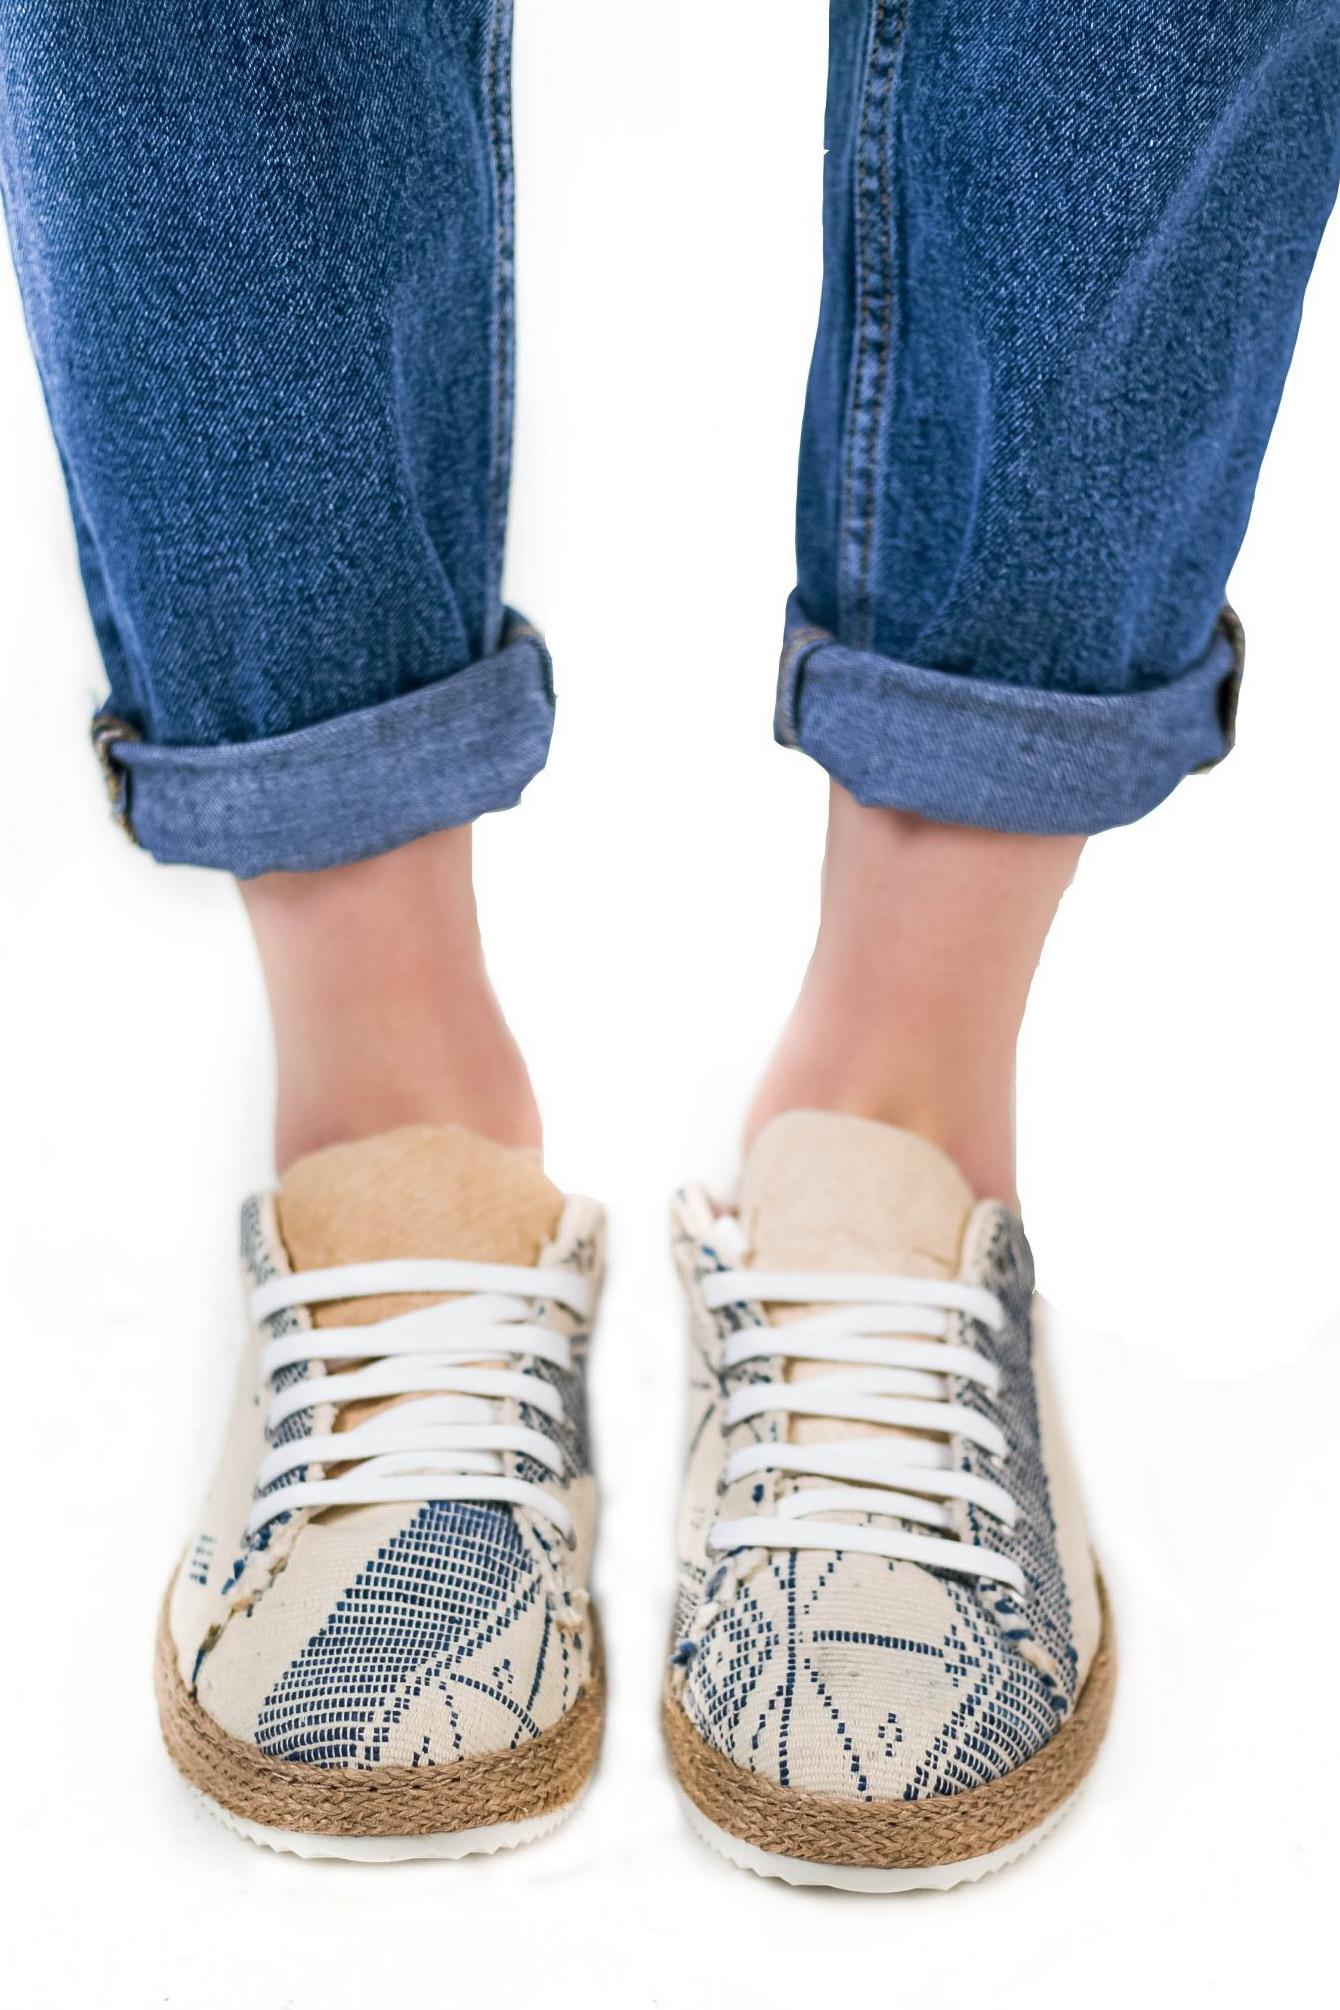 Baskets confortables manjak – Unisexe – Vue de face | Label AÉ